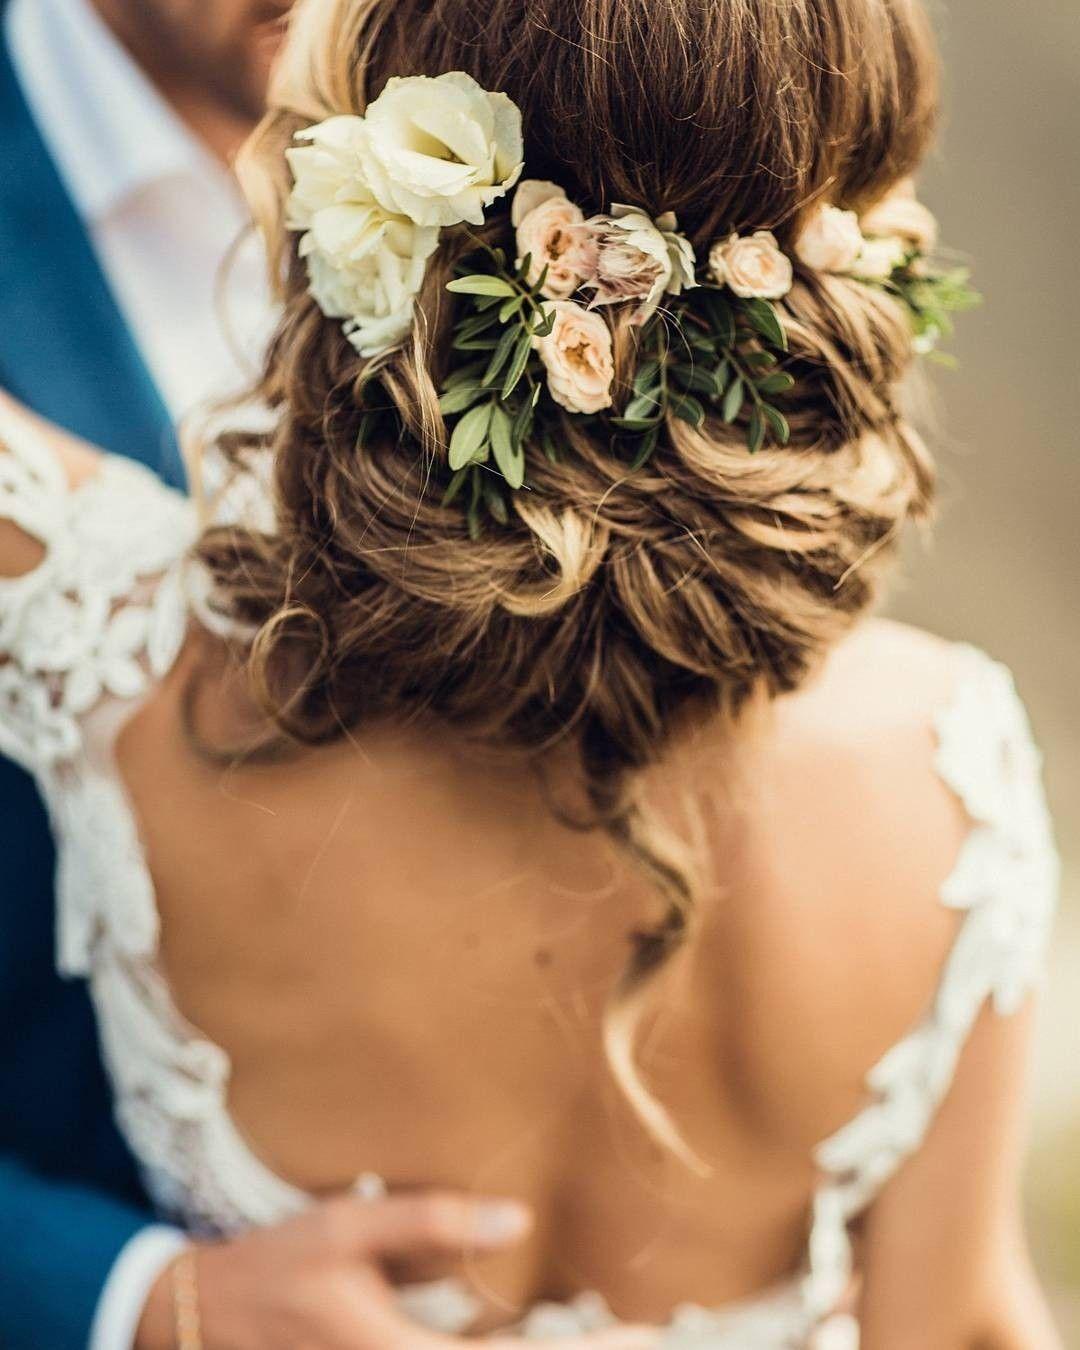 #brautstyling #brautfrisur #blumen #braut #hochzeitstrends #bride #hochzeit #Wedding #blumen #Hochzeitsideen #hairstyle #bridalhairflowers